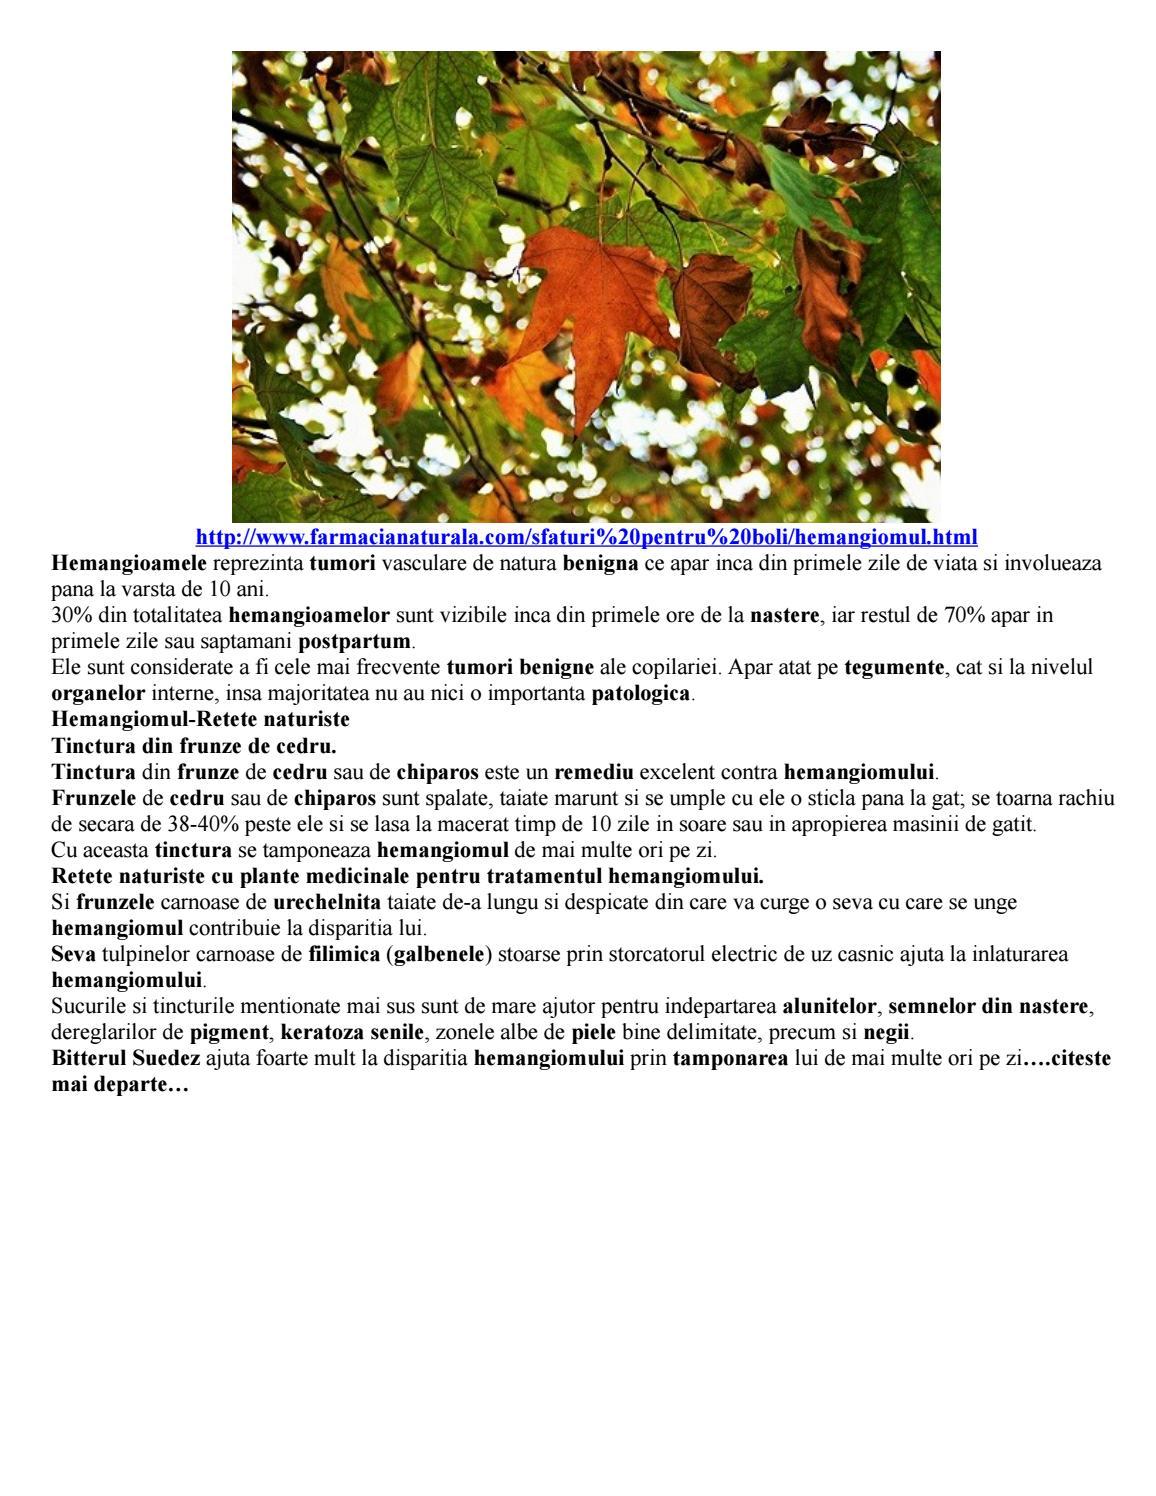 tratamentul reexaminărilor metodelor folclorice varicoase tratați varicose later